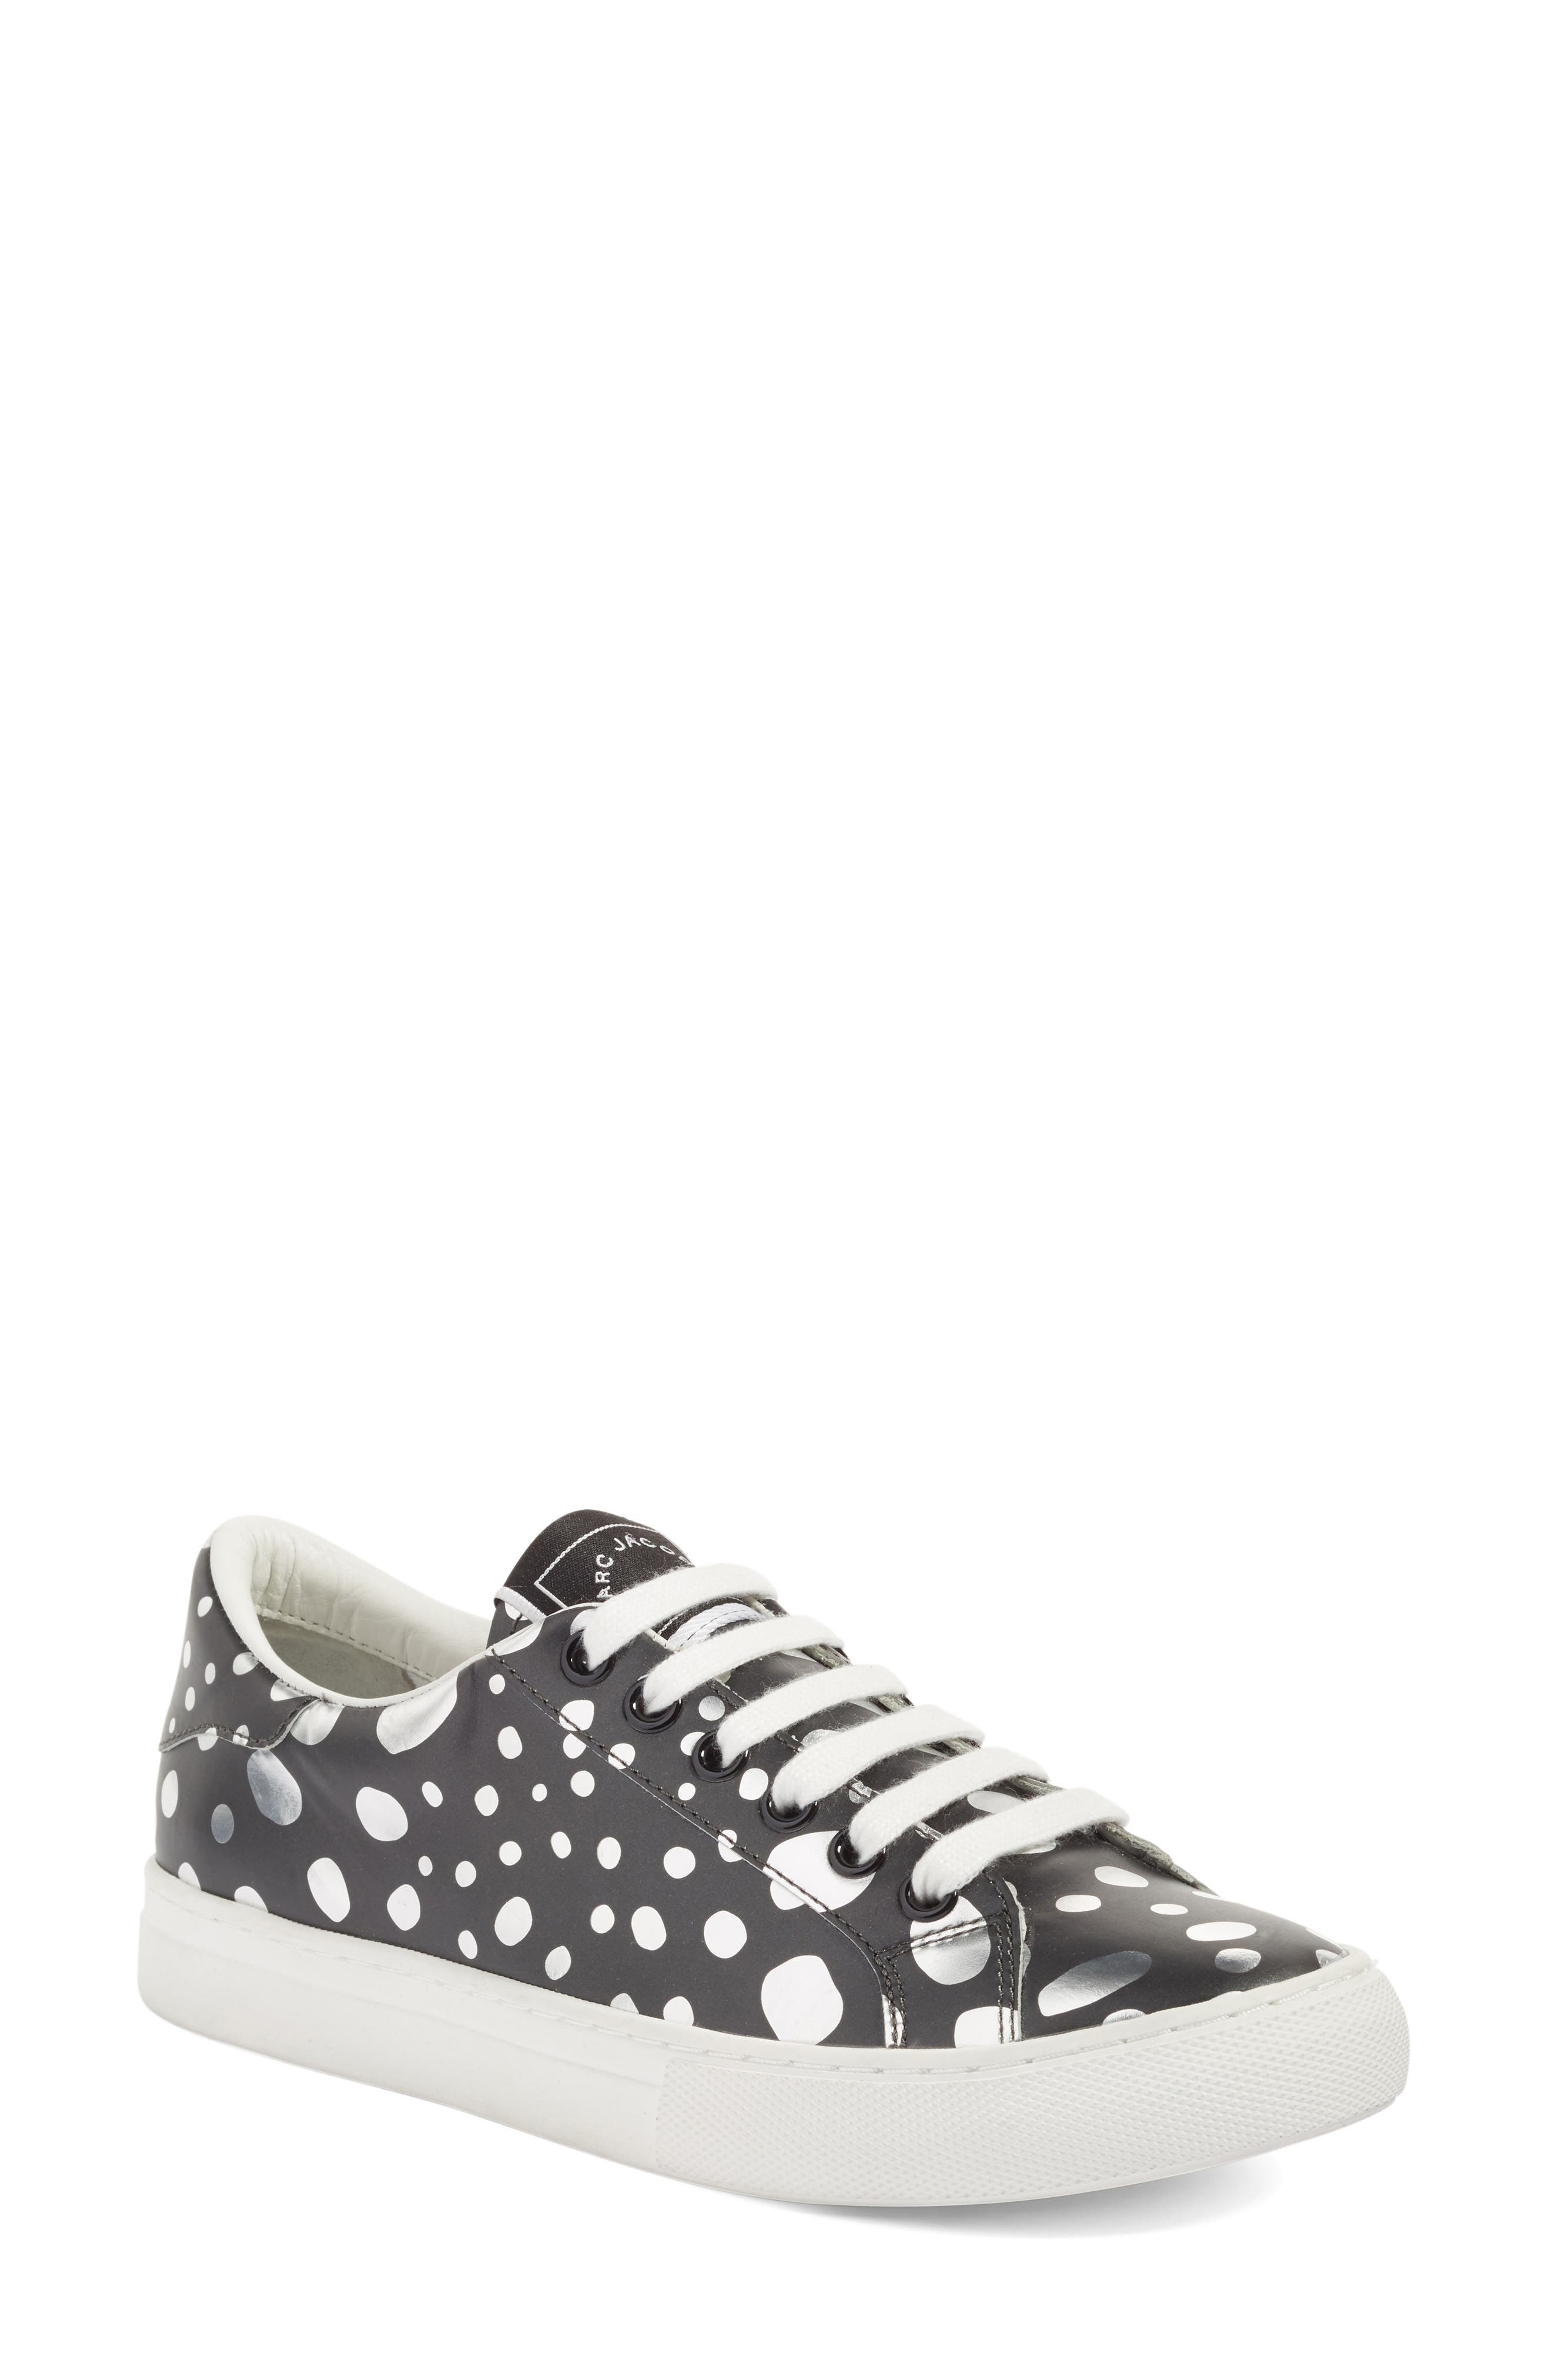 Empire Sneaker,                         Main,                         color, 099